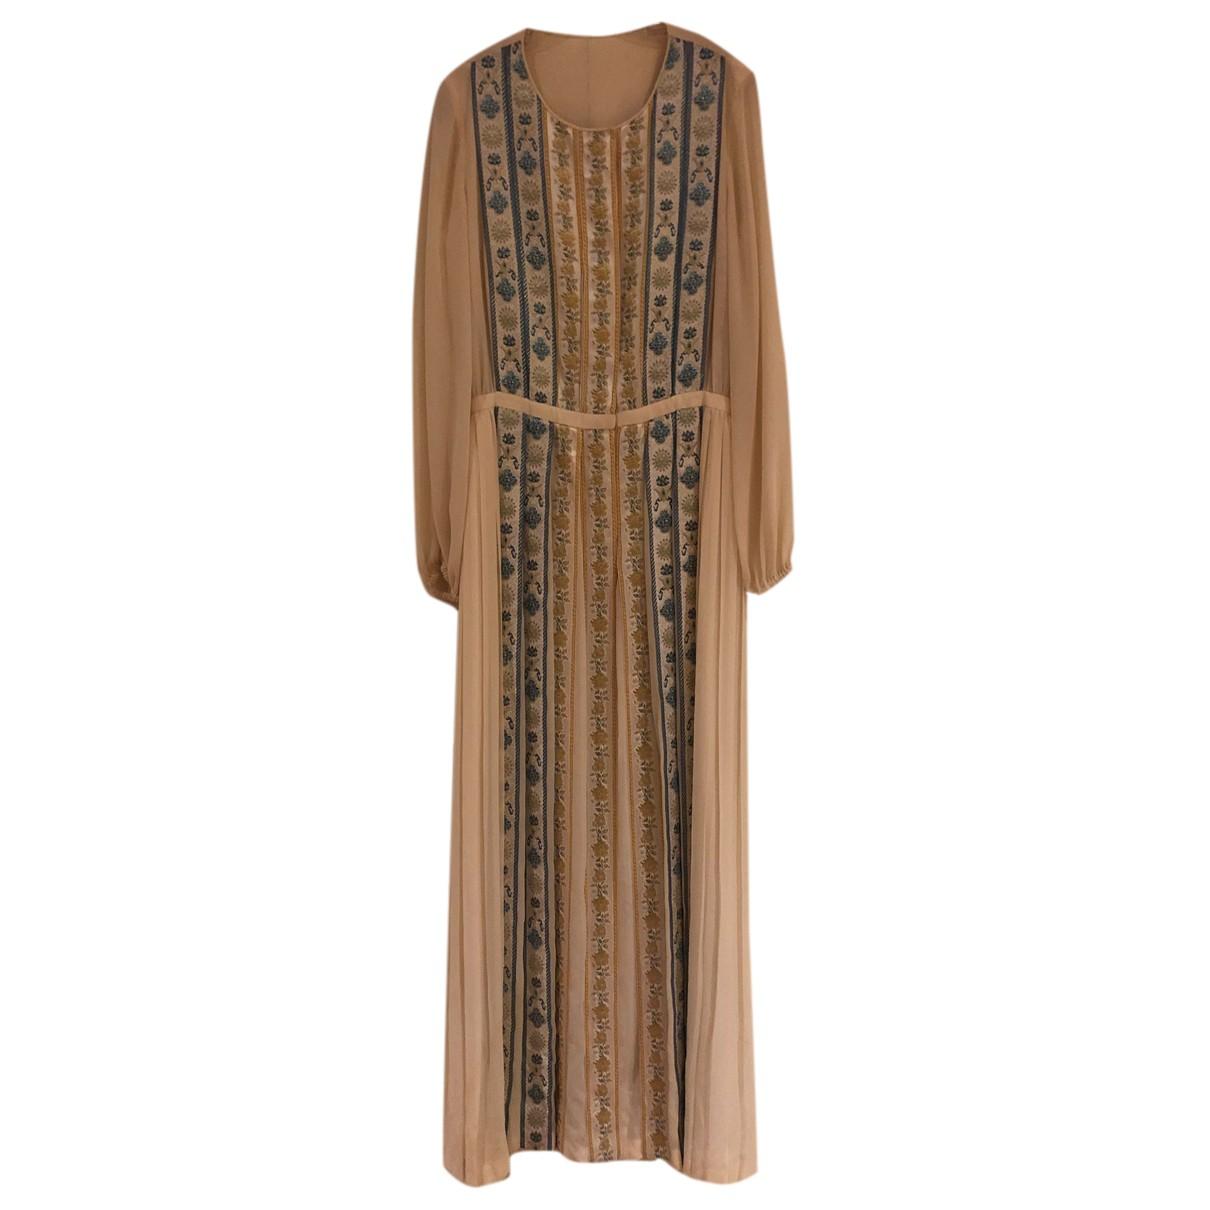 Lanvin \N Kleid in  Ecru Seide